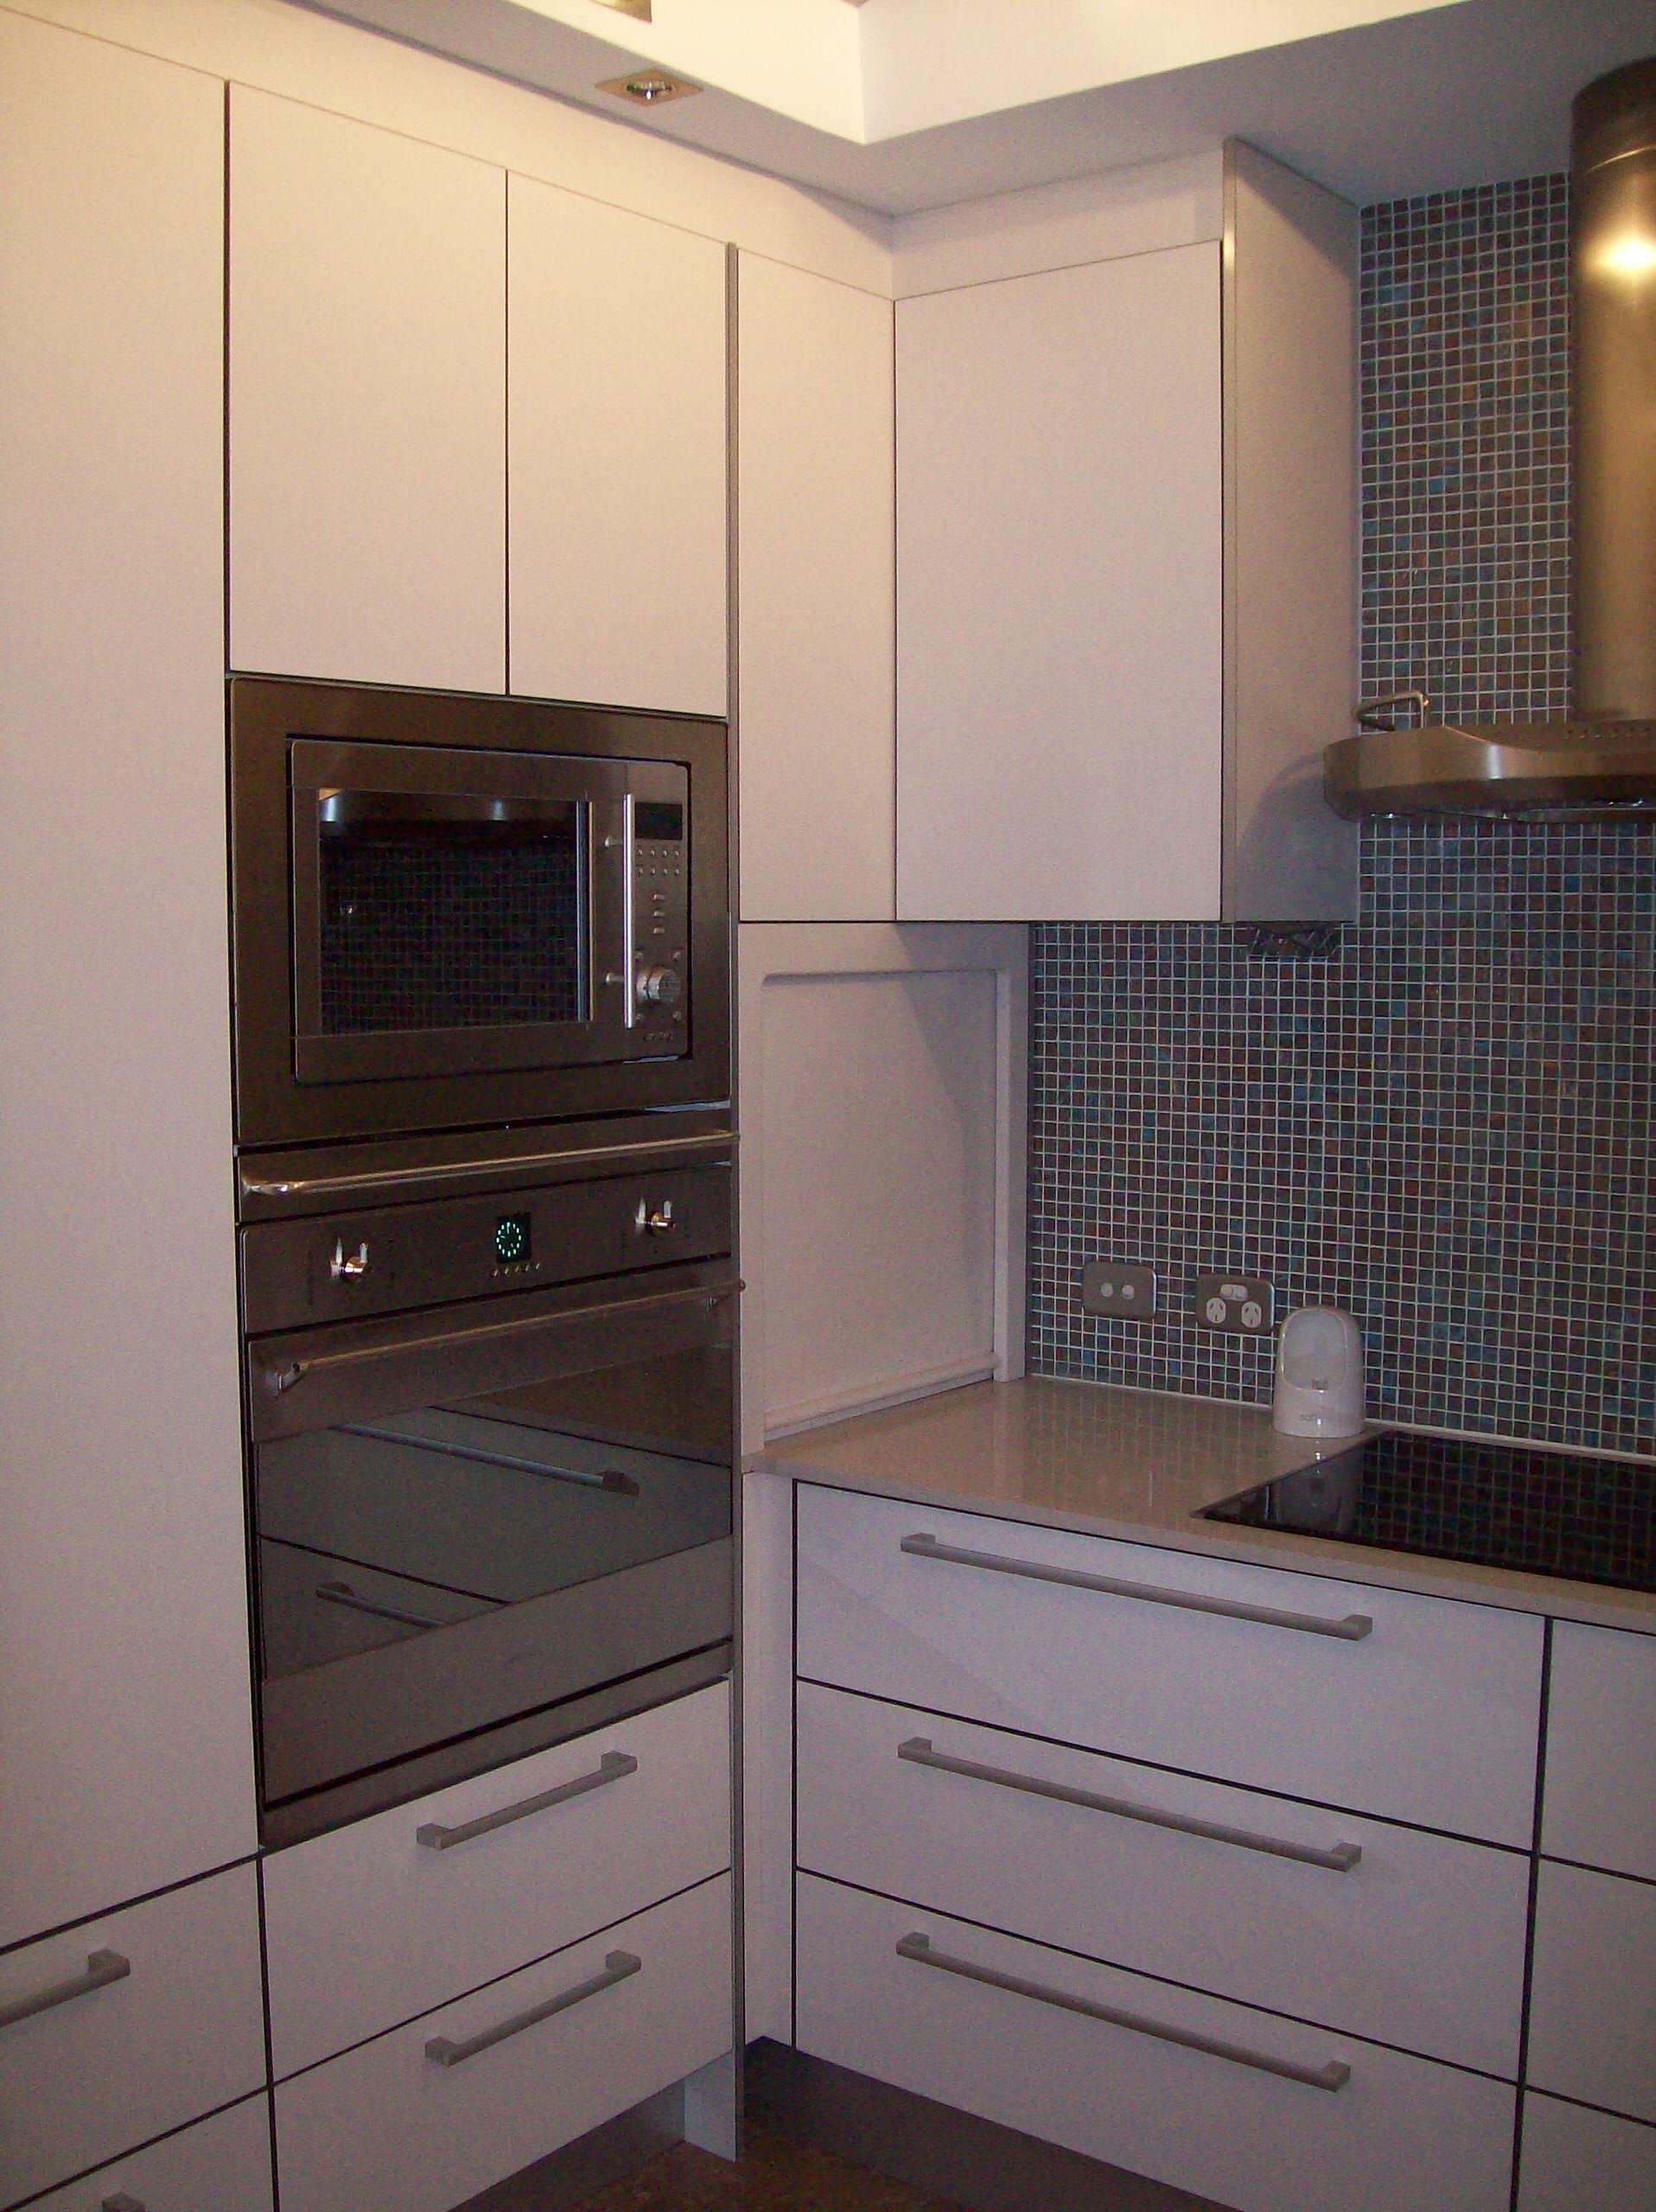 Hurstville - Dowling - Kitchen